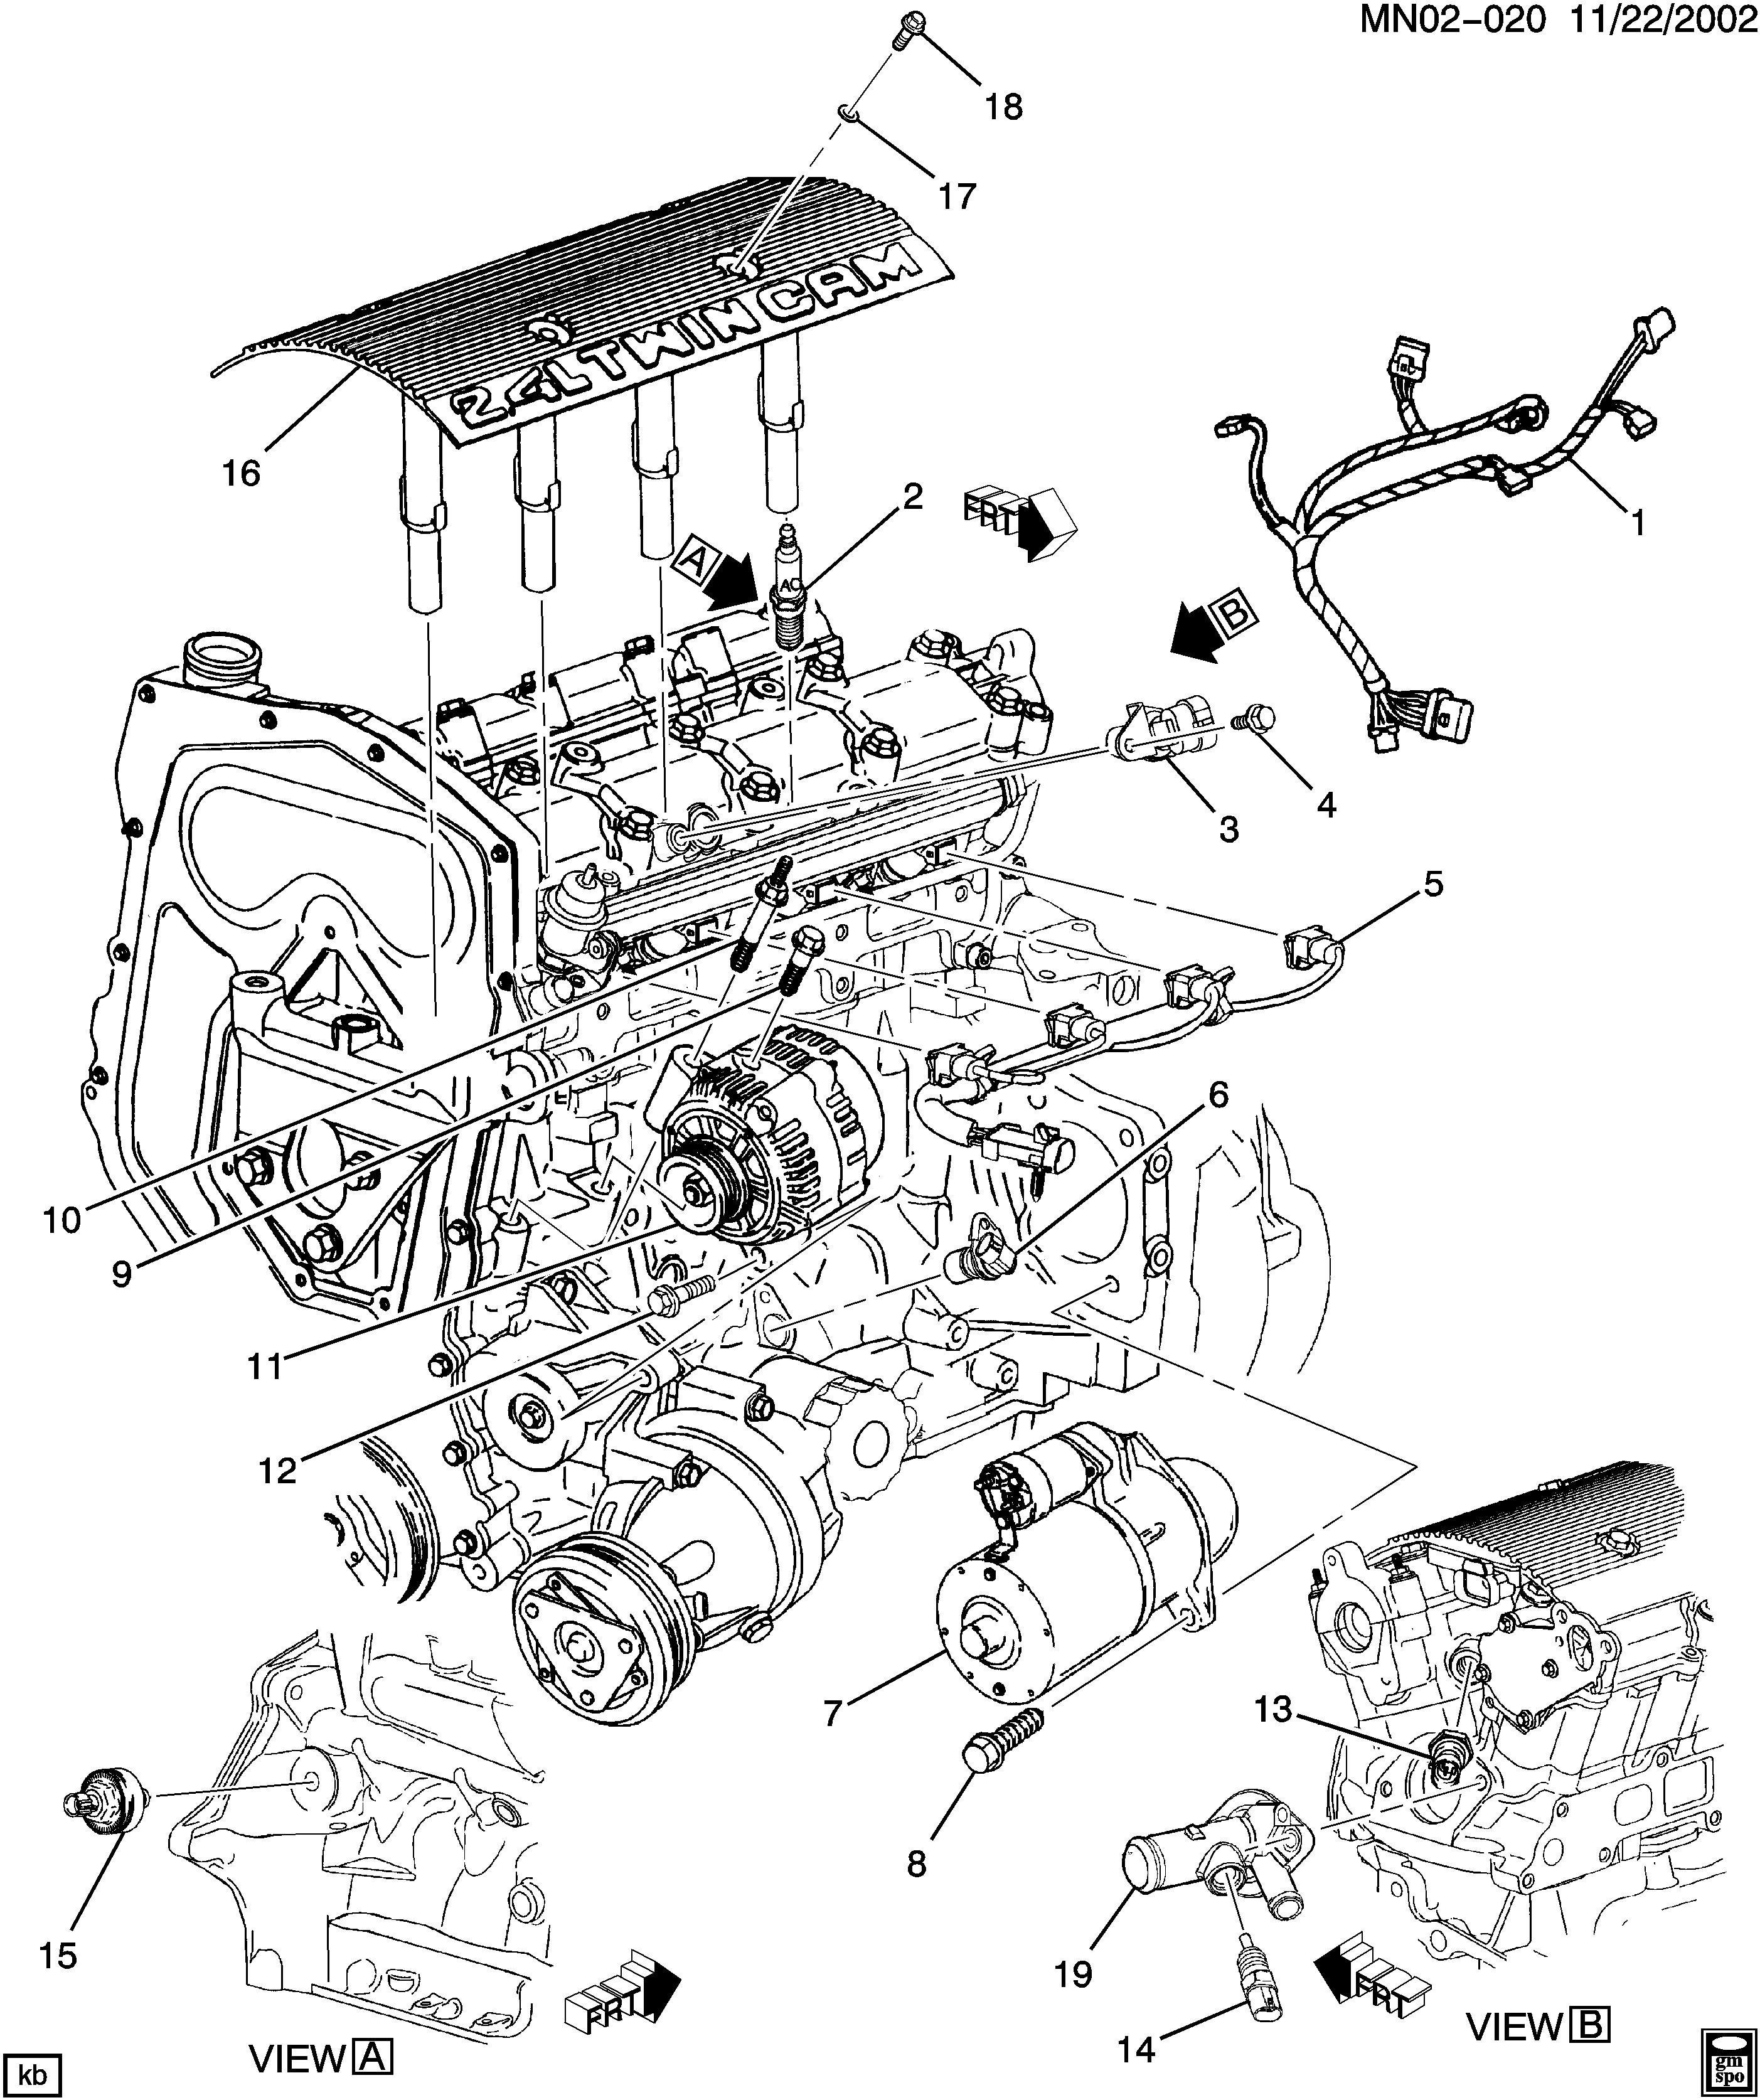 Pontiac Grand Am Engine Diagram Pontiac Grand Am N Engine Electrical Ld9 2 4t Epc Of Pontiac Grand Am Engine Diagram Pontiac 2 4 Engine Diagram Intake Manifold Wiring Diagram Dash